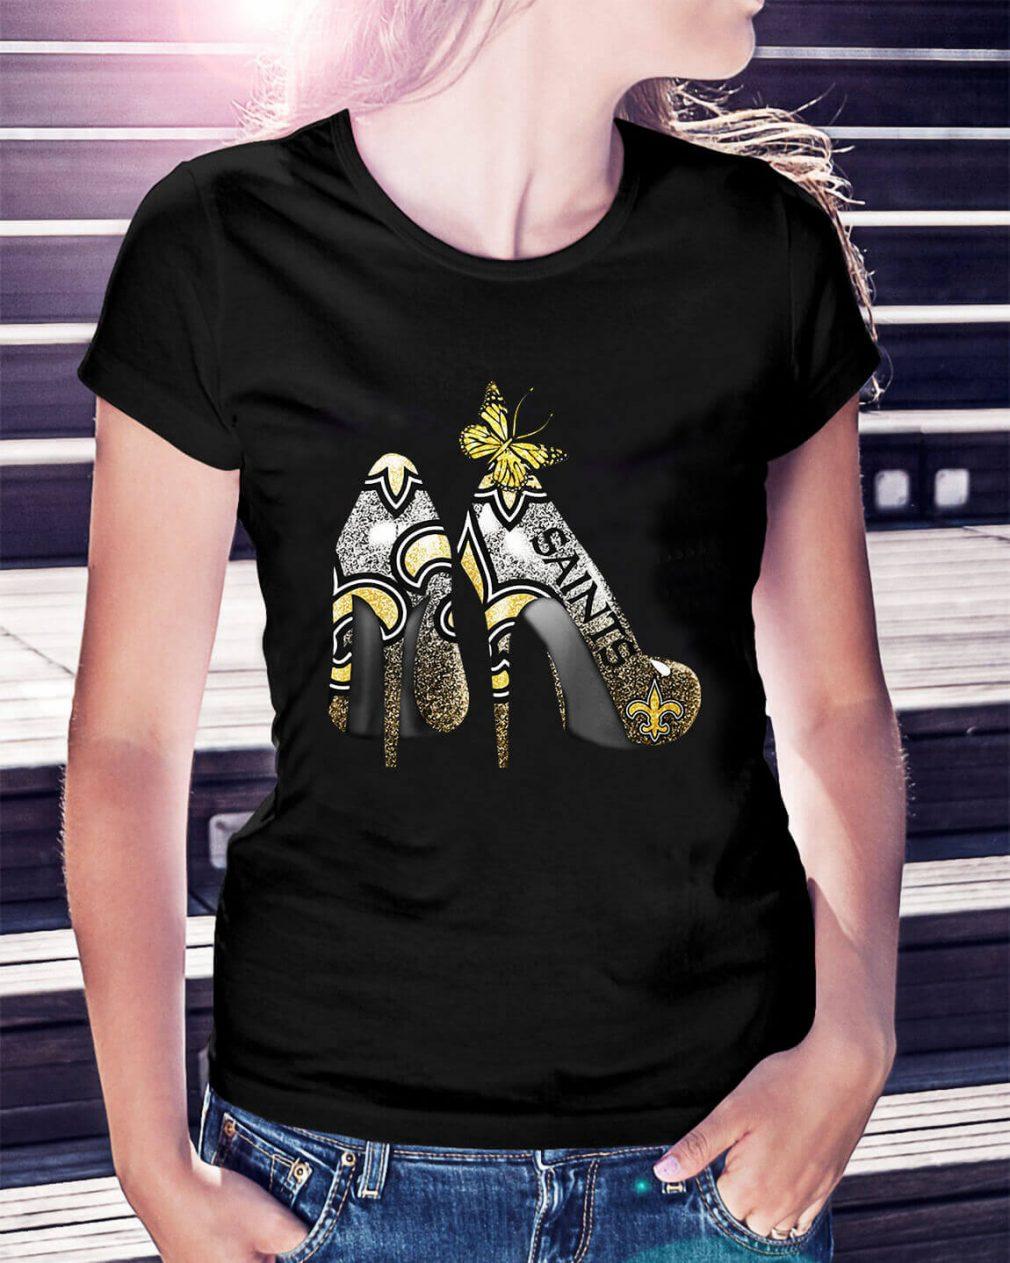 New Orleans Saints Heels high heels Ladies Tee